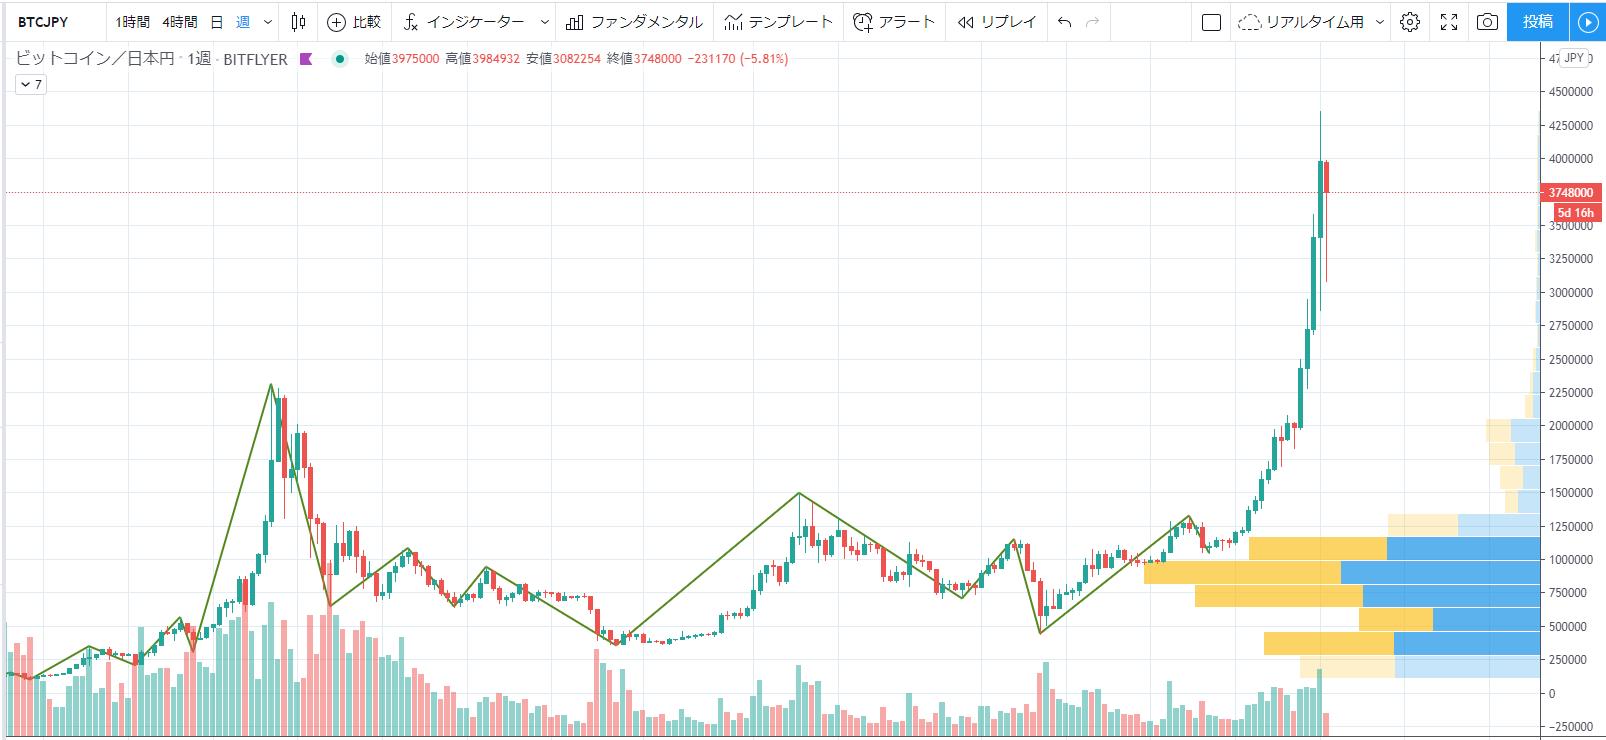 「年にビットコイン=25万ドル」ブライアン・ケリーが指数チャートに基づいて強気予測 仮想通貨ニュースと速報-コイン東京(cointokyo)